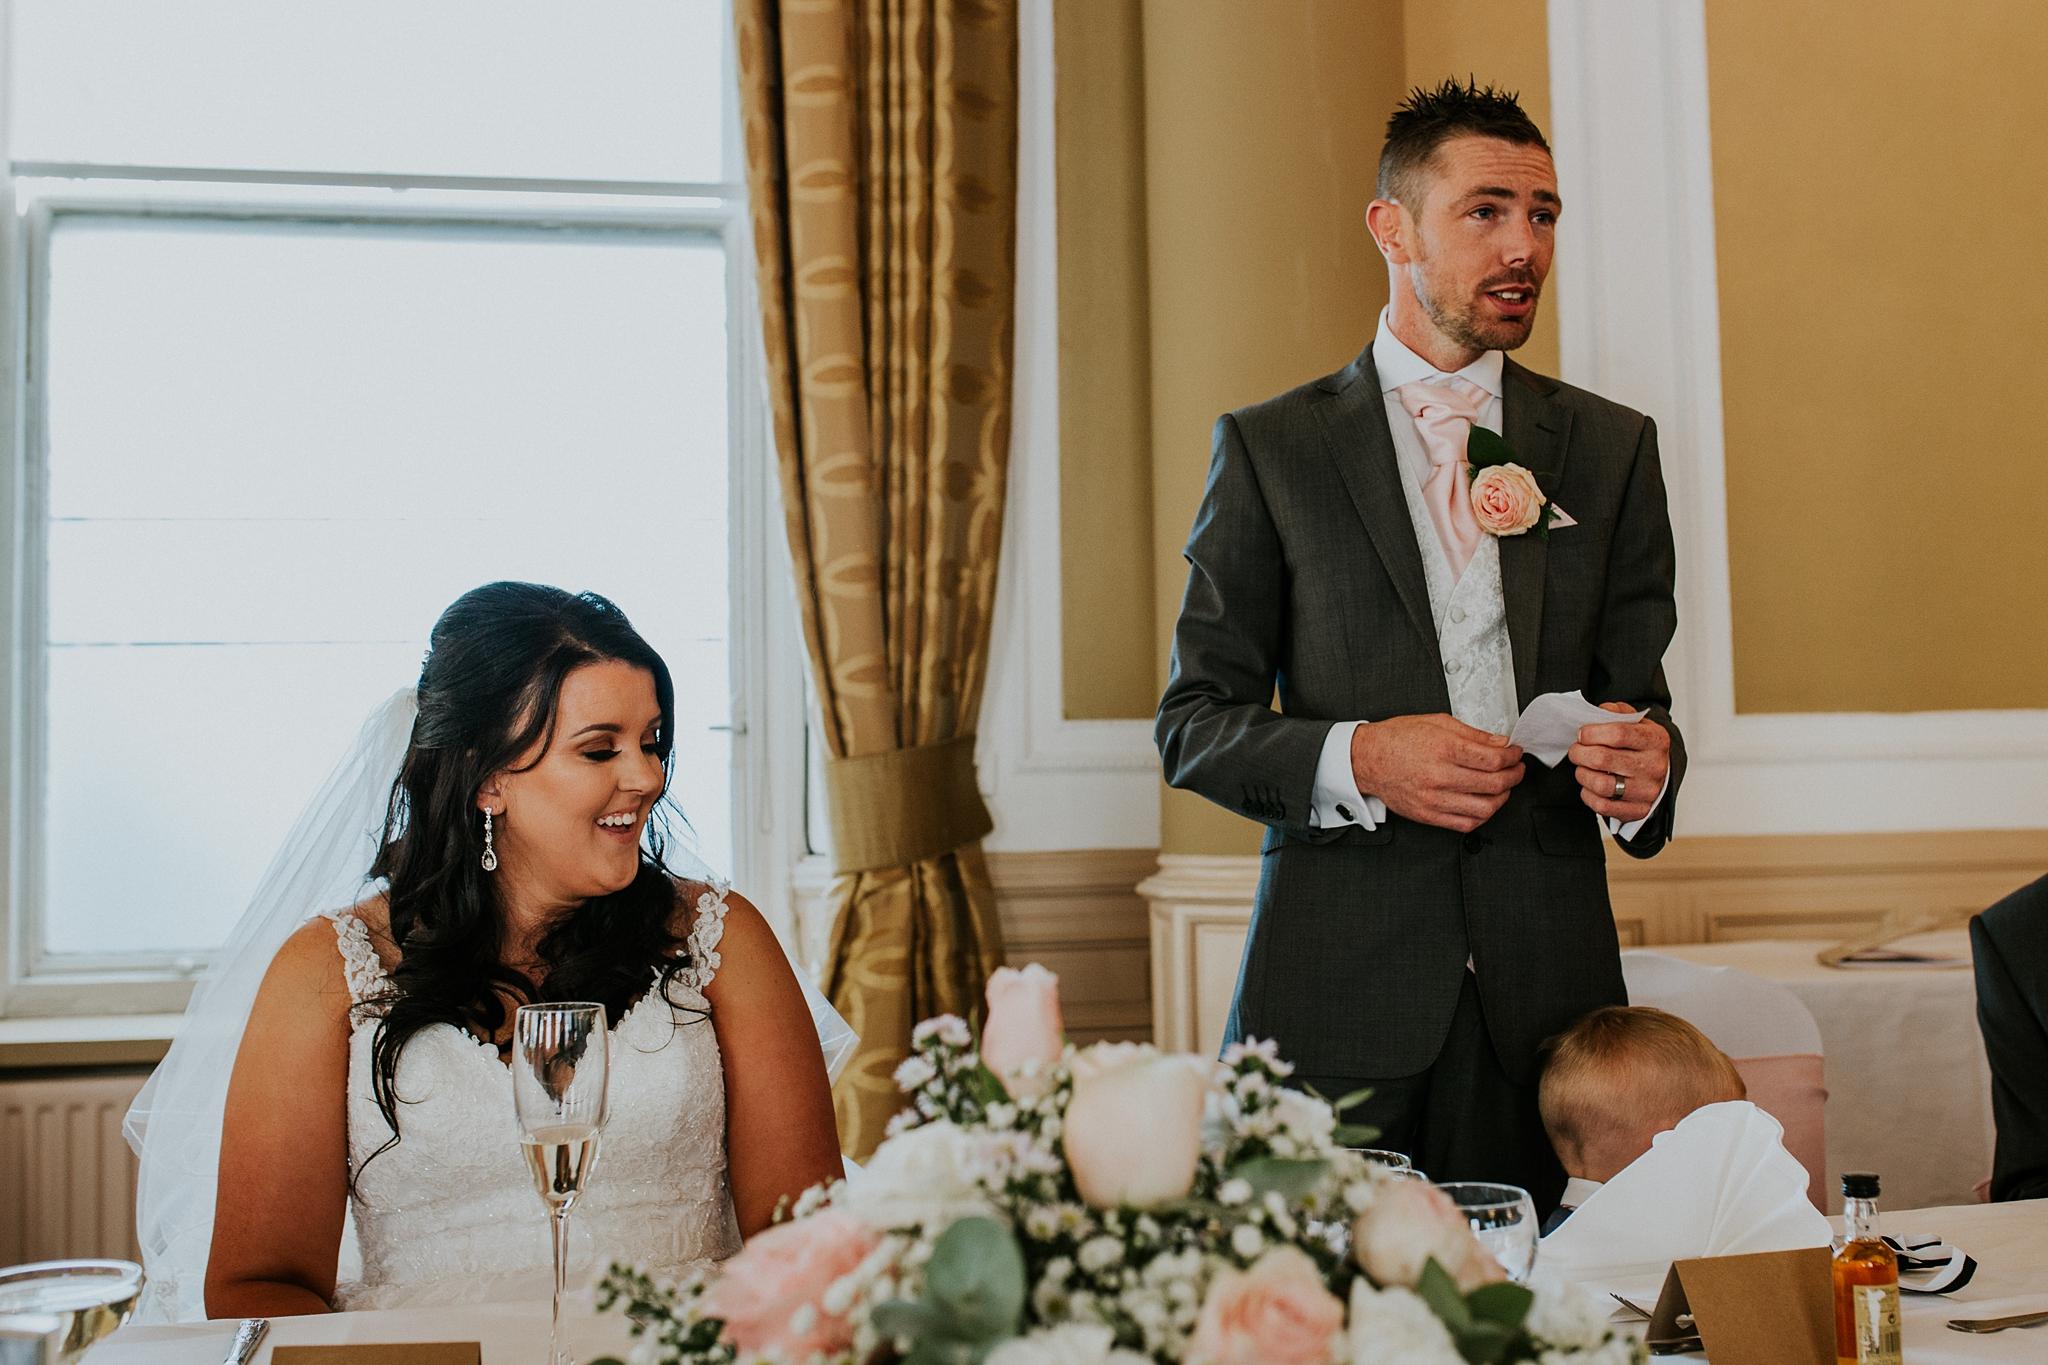 newcastle_upon_tyne_wedding_photographer-47.JPG